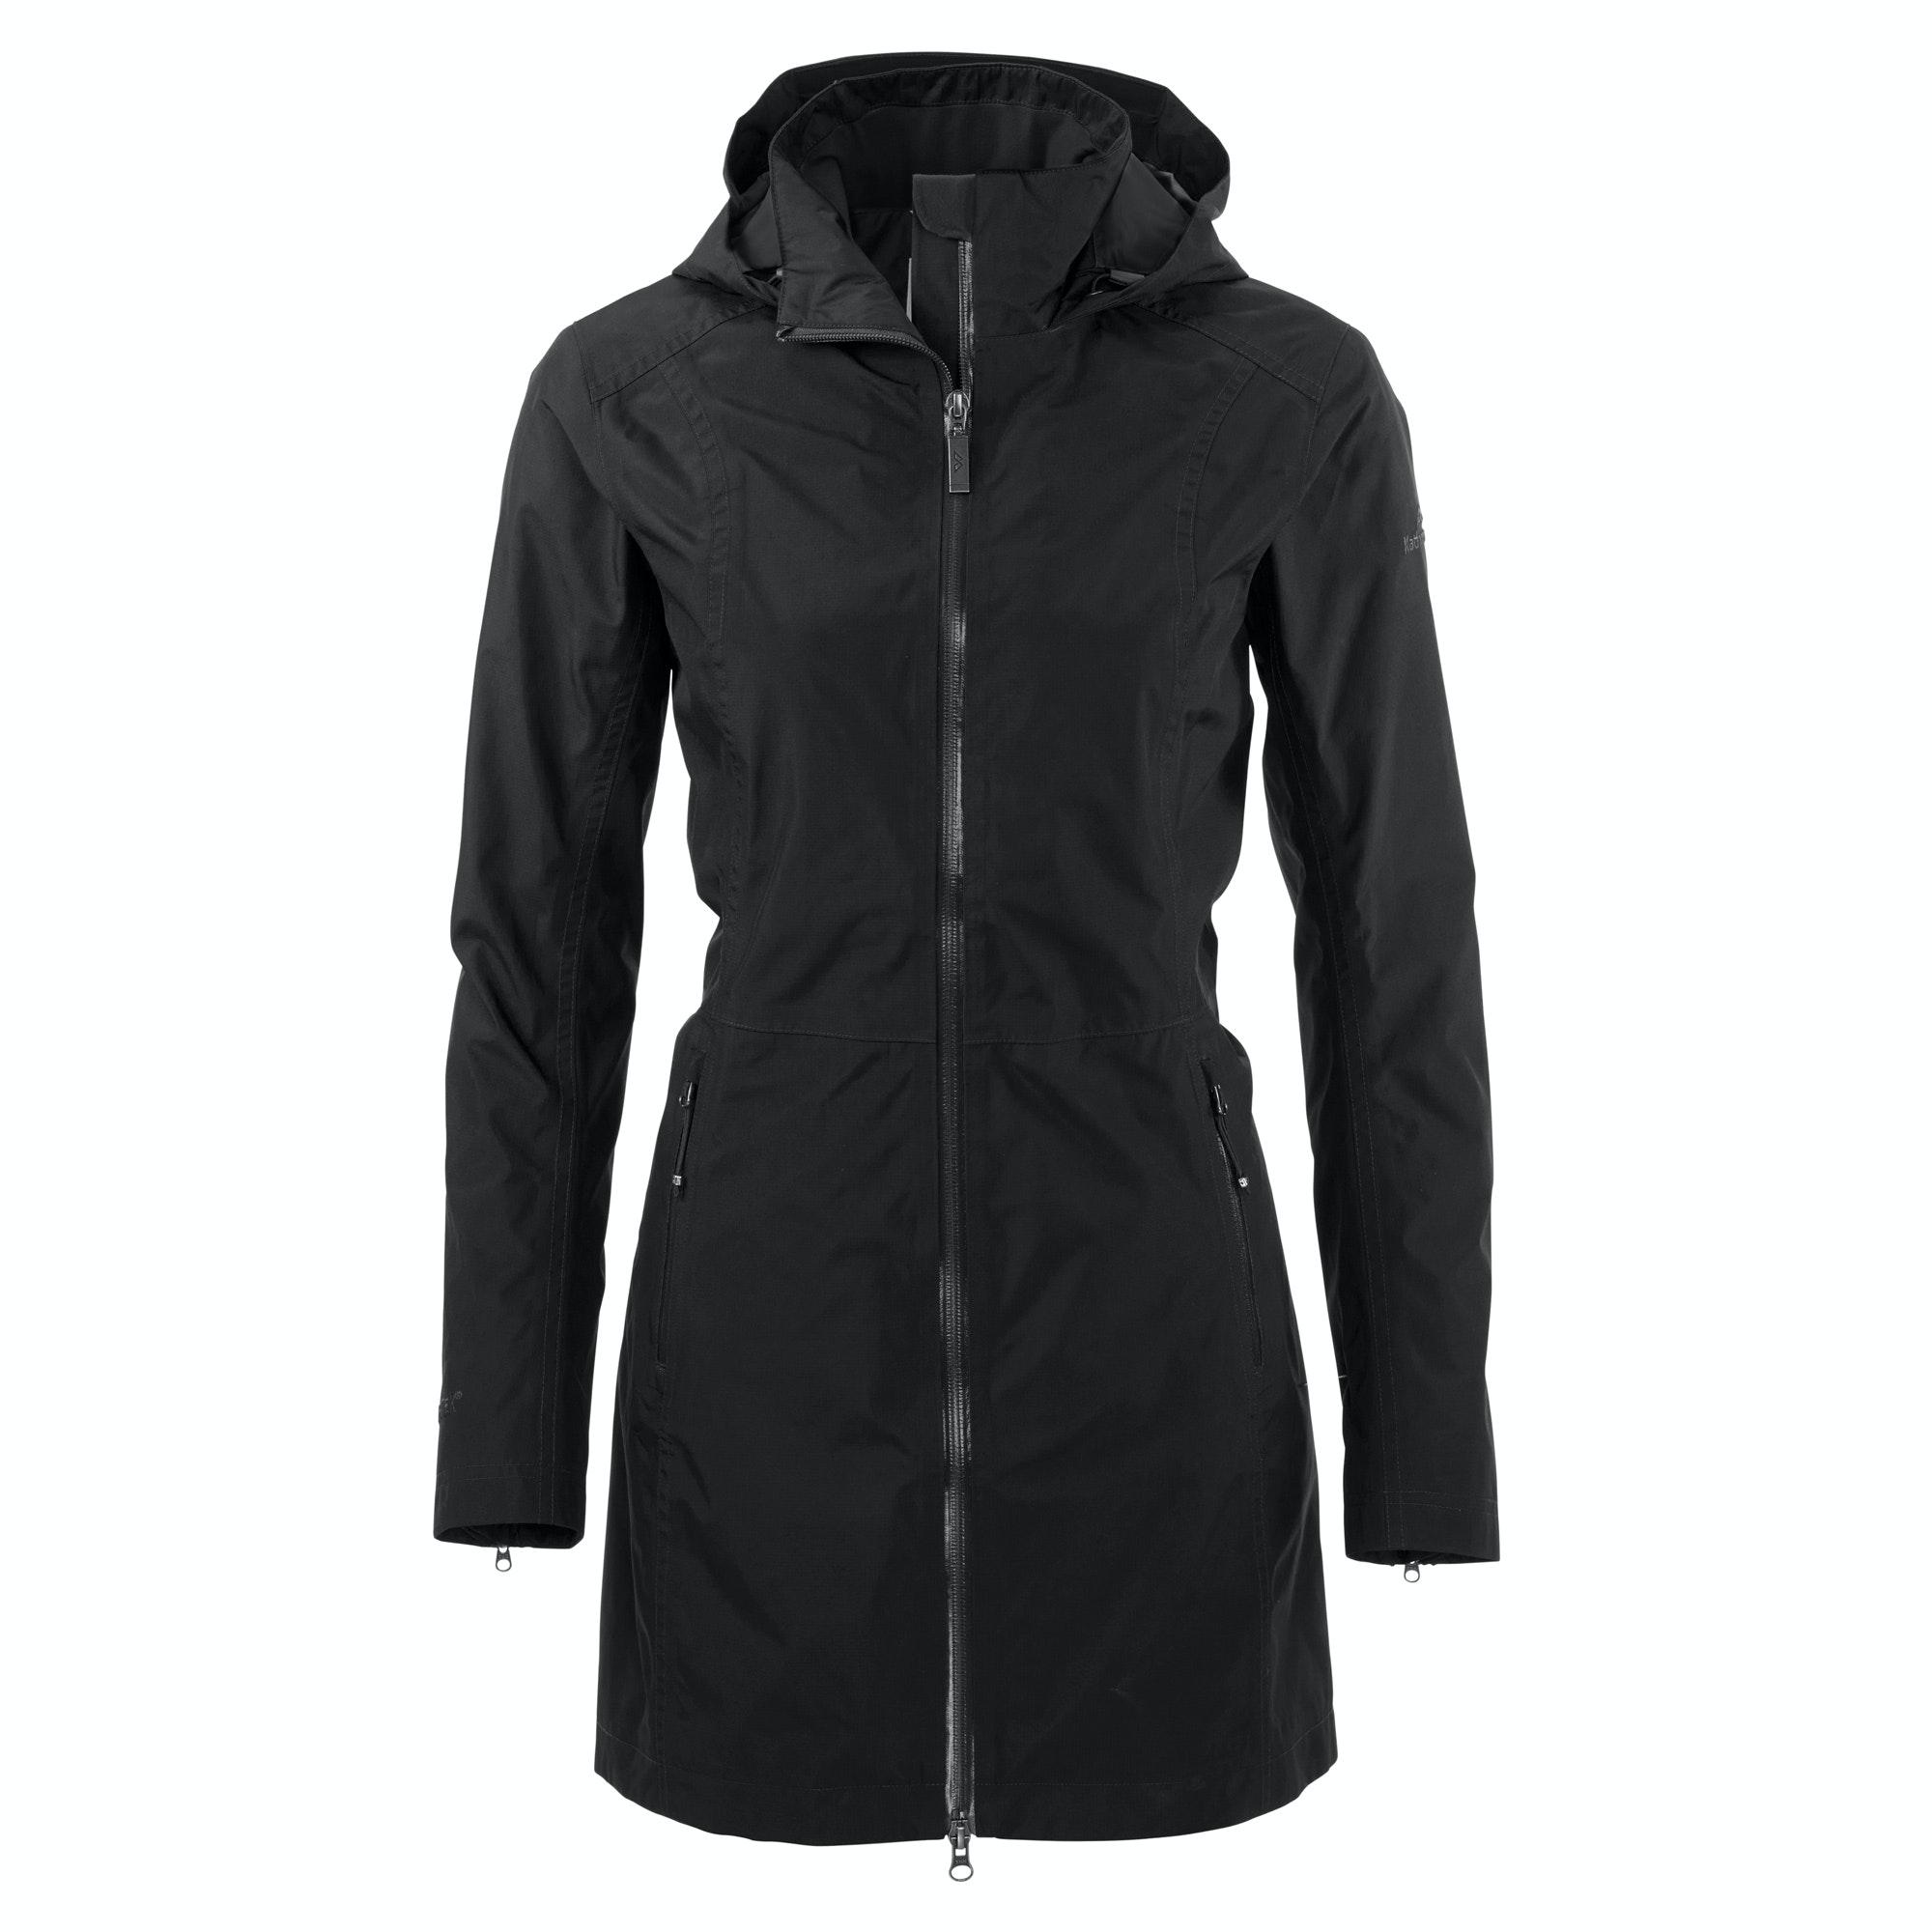 Waterproof jacket women uk